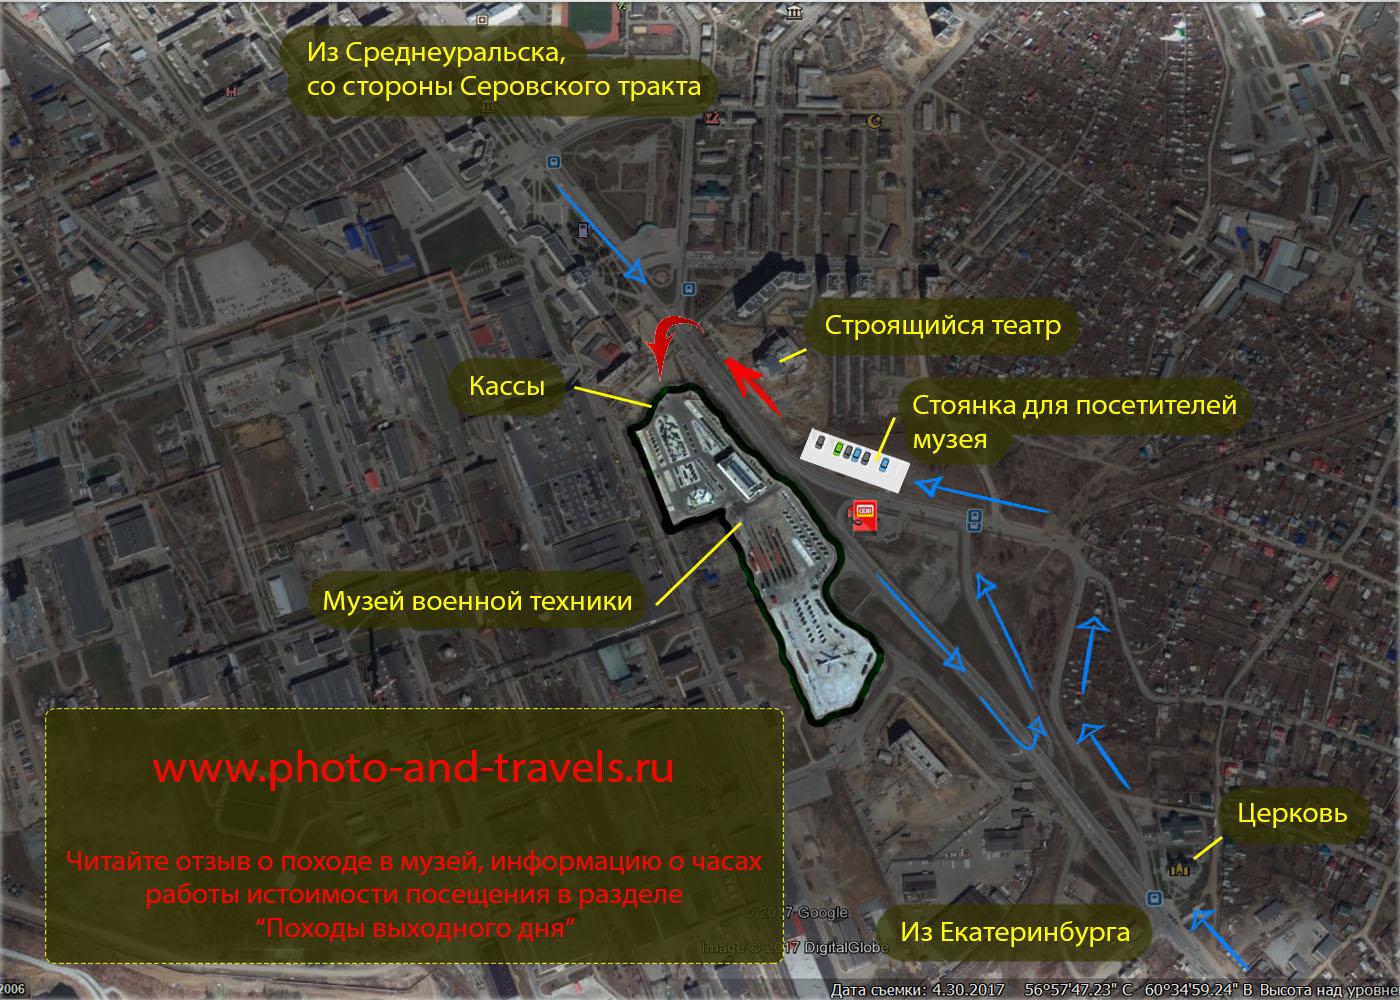 Карта со схемой проезда в Музей военной и автомобильной техники в Верхней Пышме.